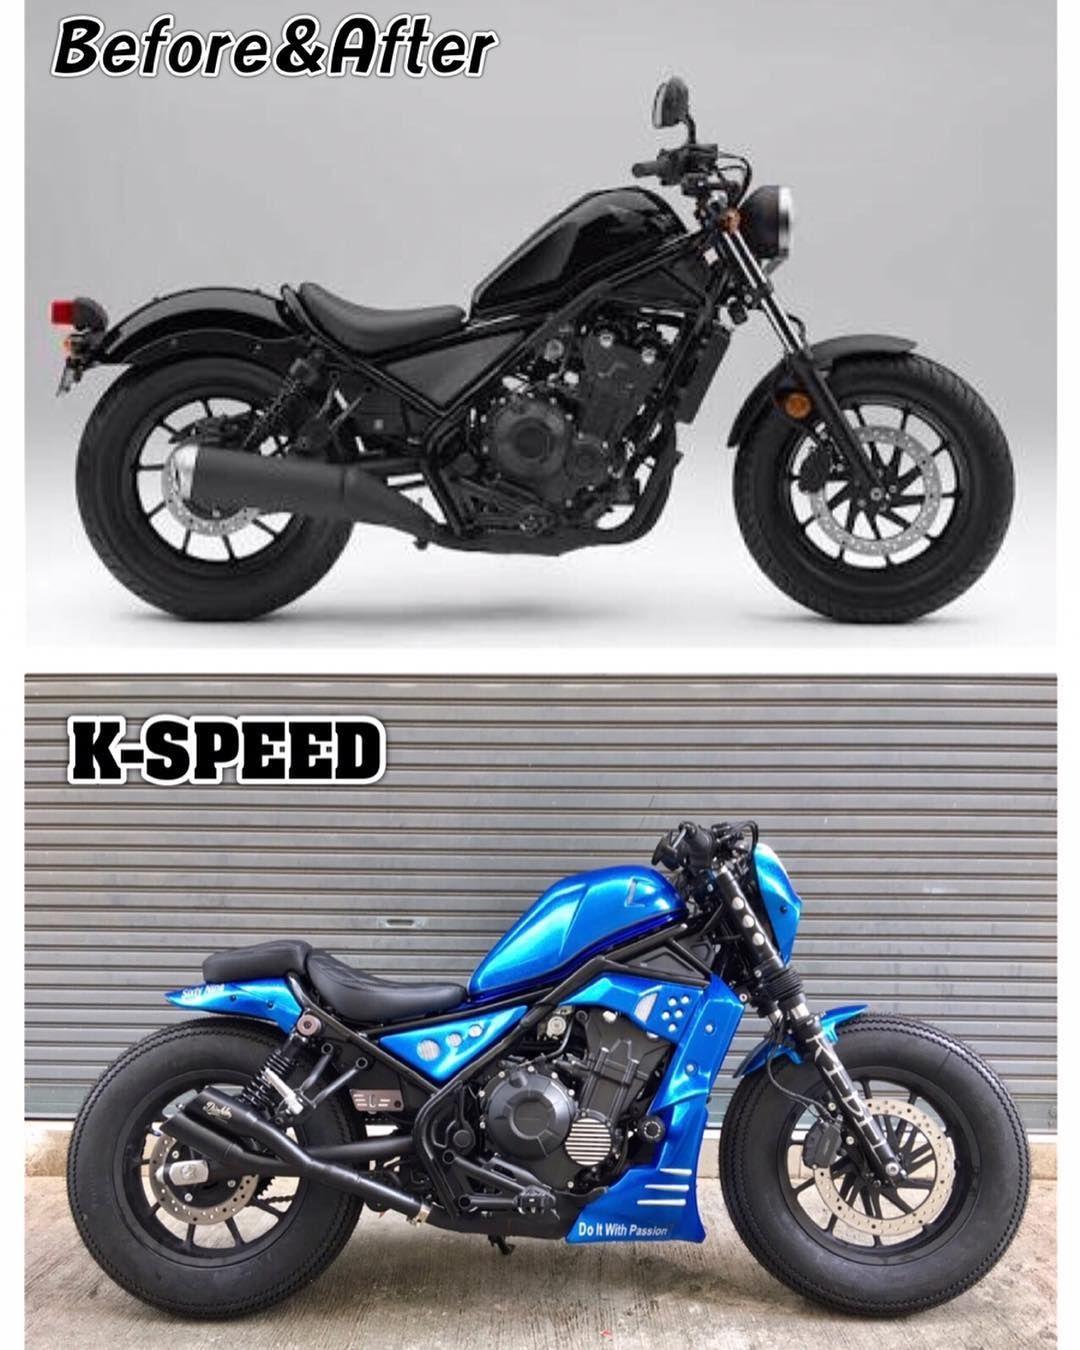 Honda Cmx 500 Motorcycle Test: View Kspeed @eakkspeed Instagram Photo Rebel500 Diablo